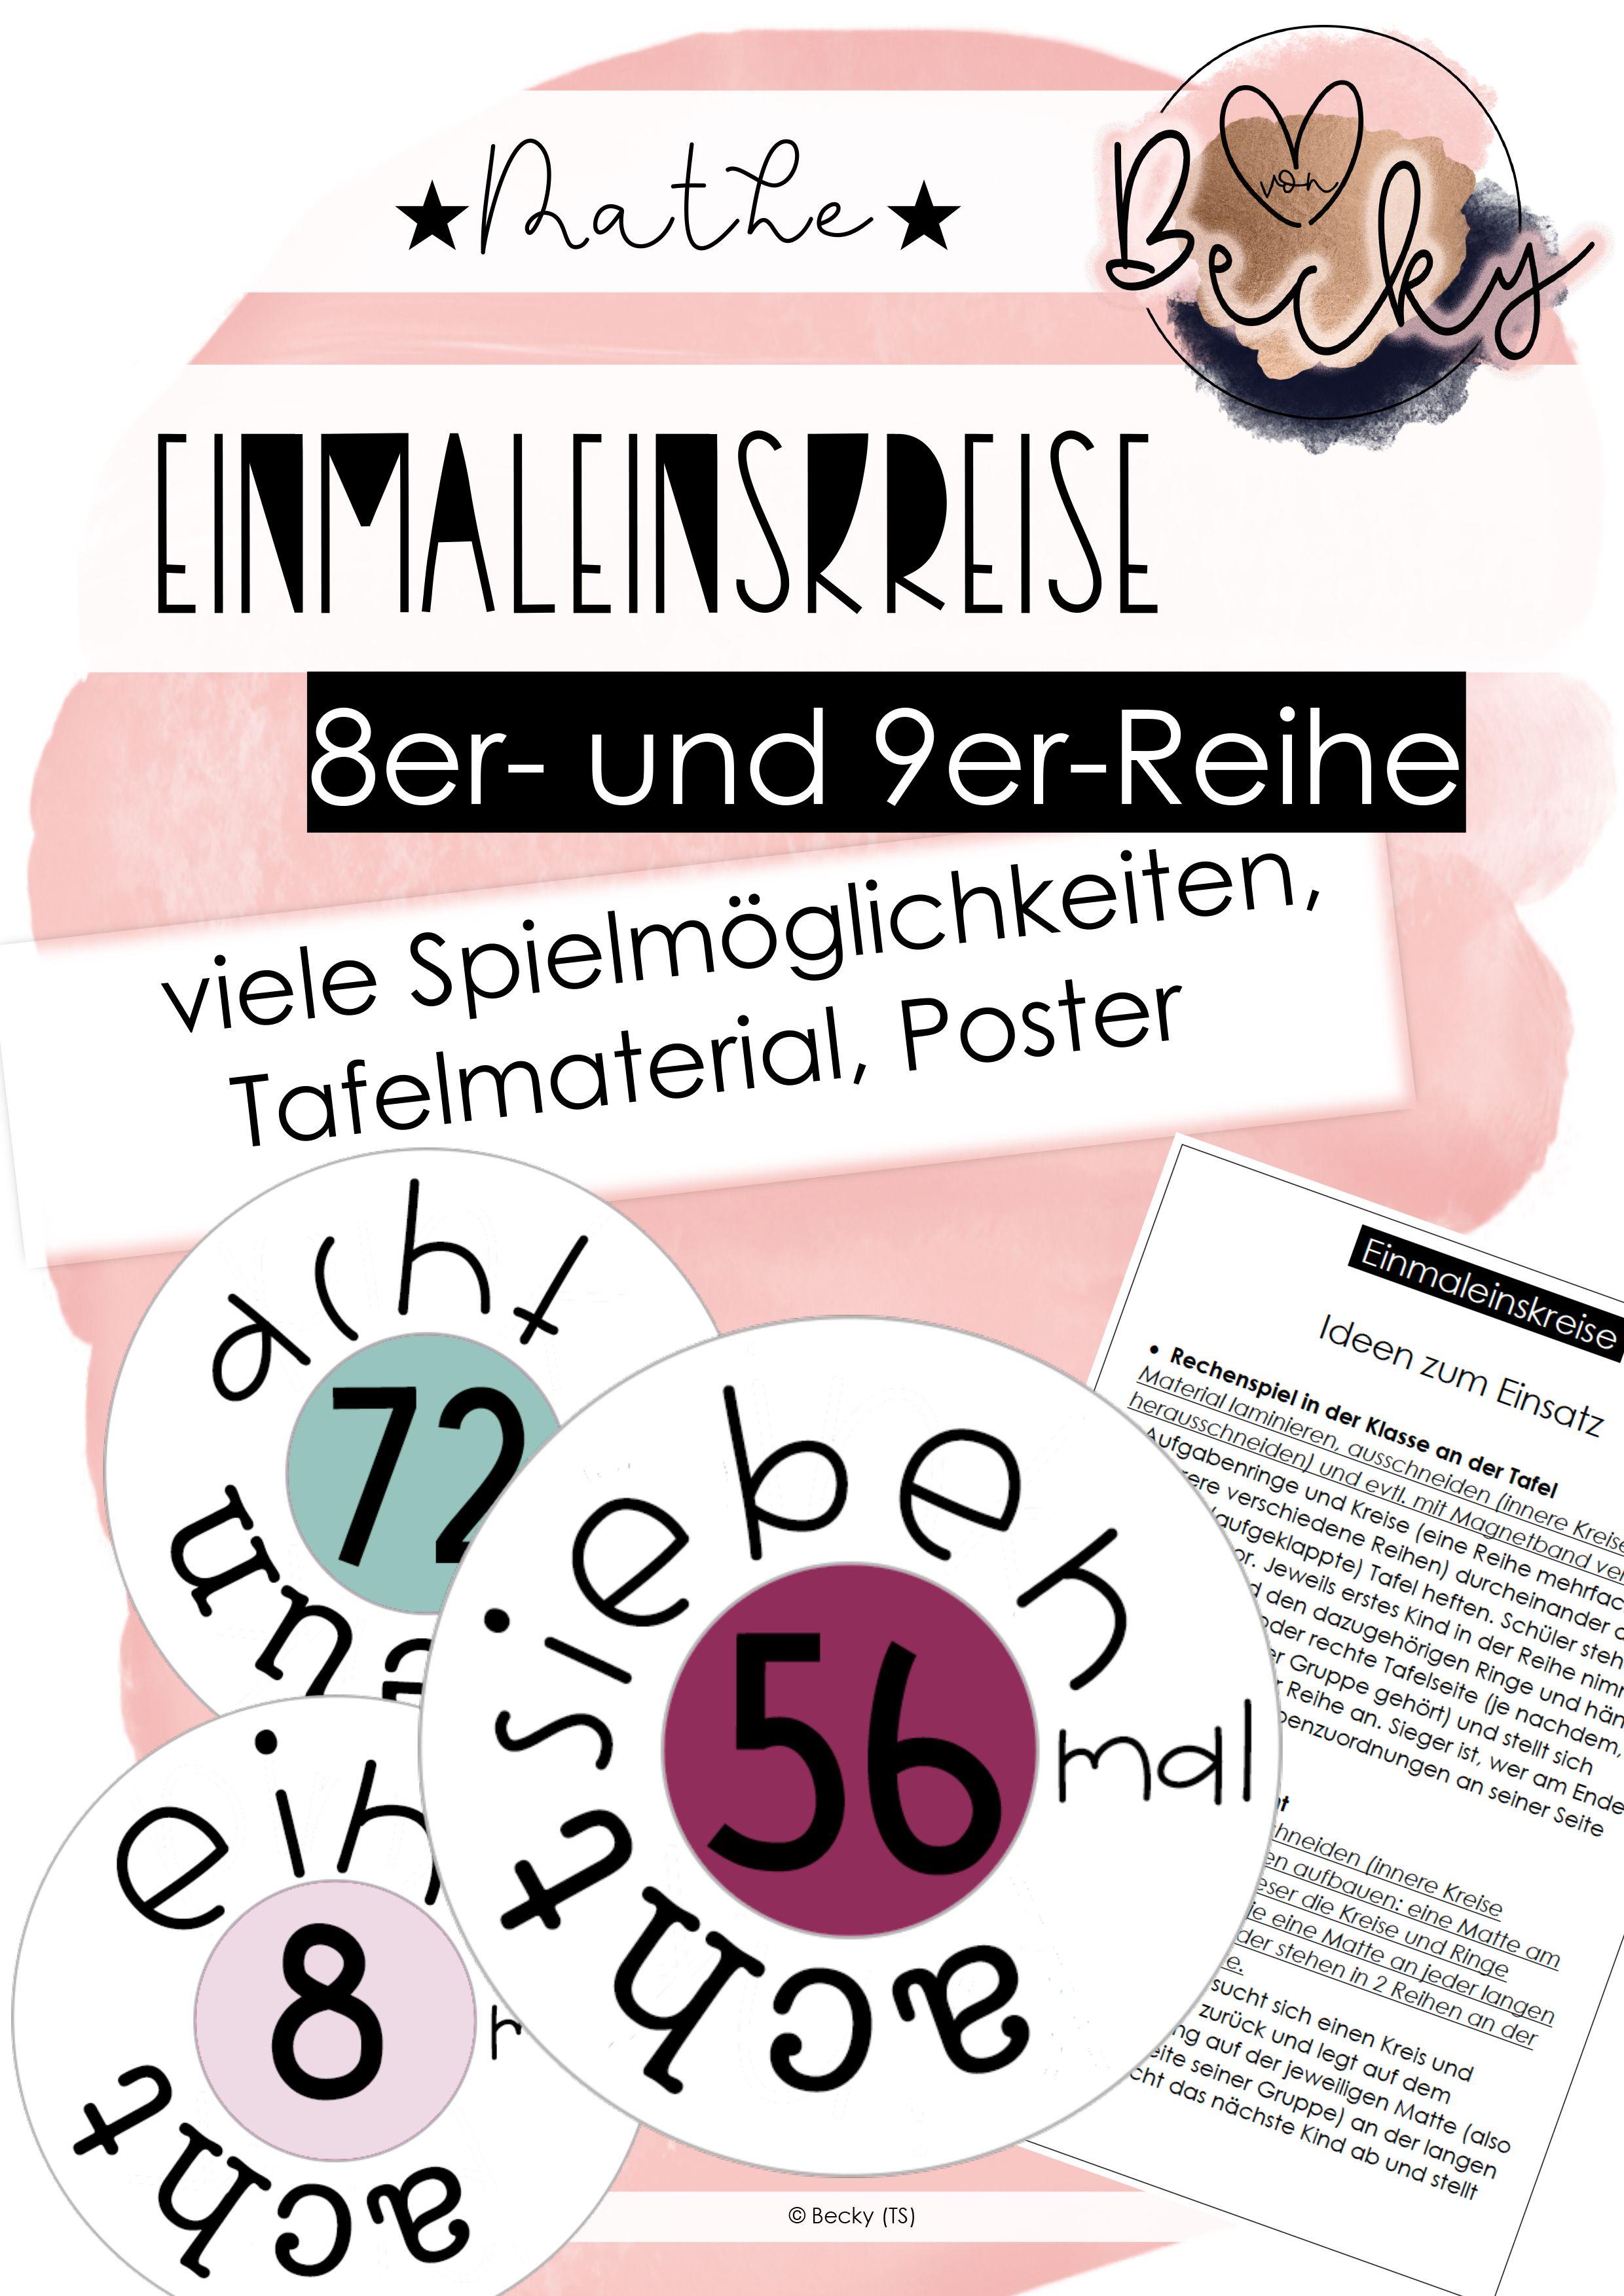 Einmaleins 8er Und 9er Reihe Poster Tafel Spiel